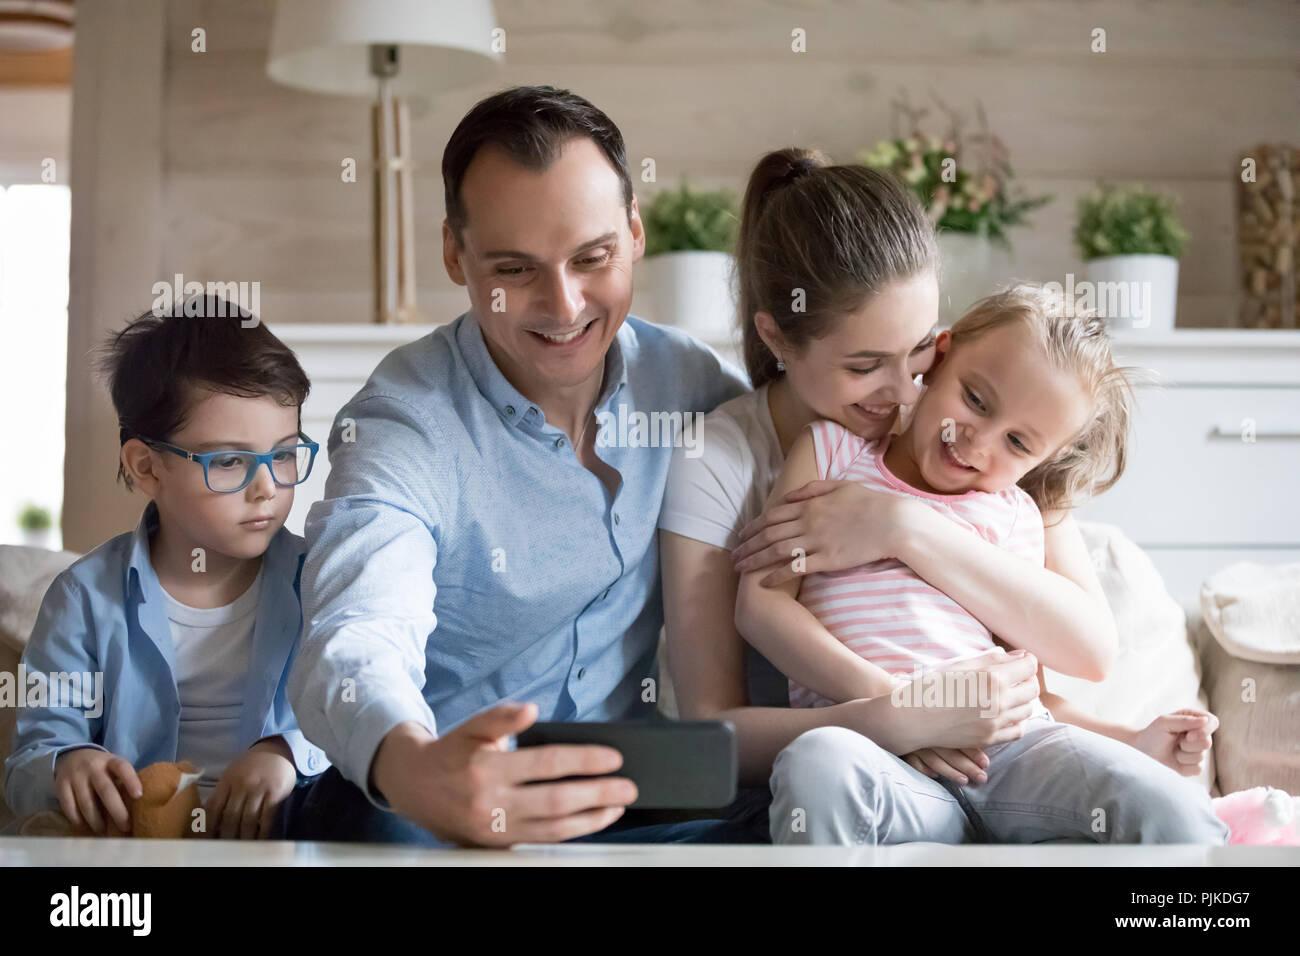 Smiling père faisant des selfies heureuse famille des quatre Photo Stock